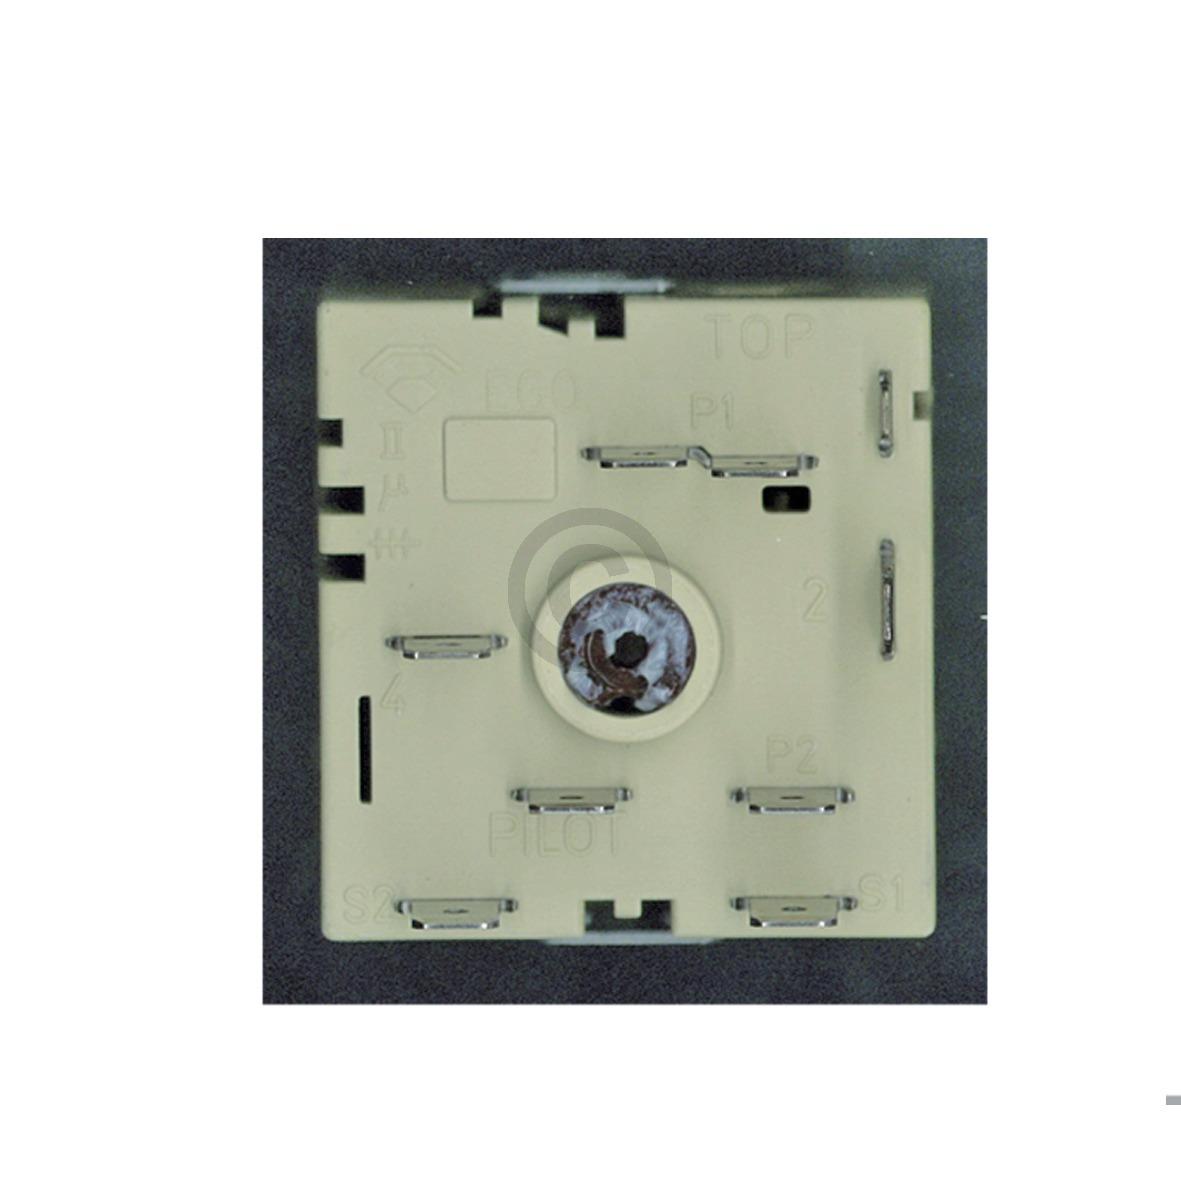 Kochplattenschalter EGO 50.55021.100 Zweikreis, OT! Umbausatz 00605922 605922